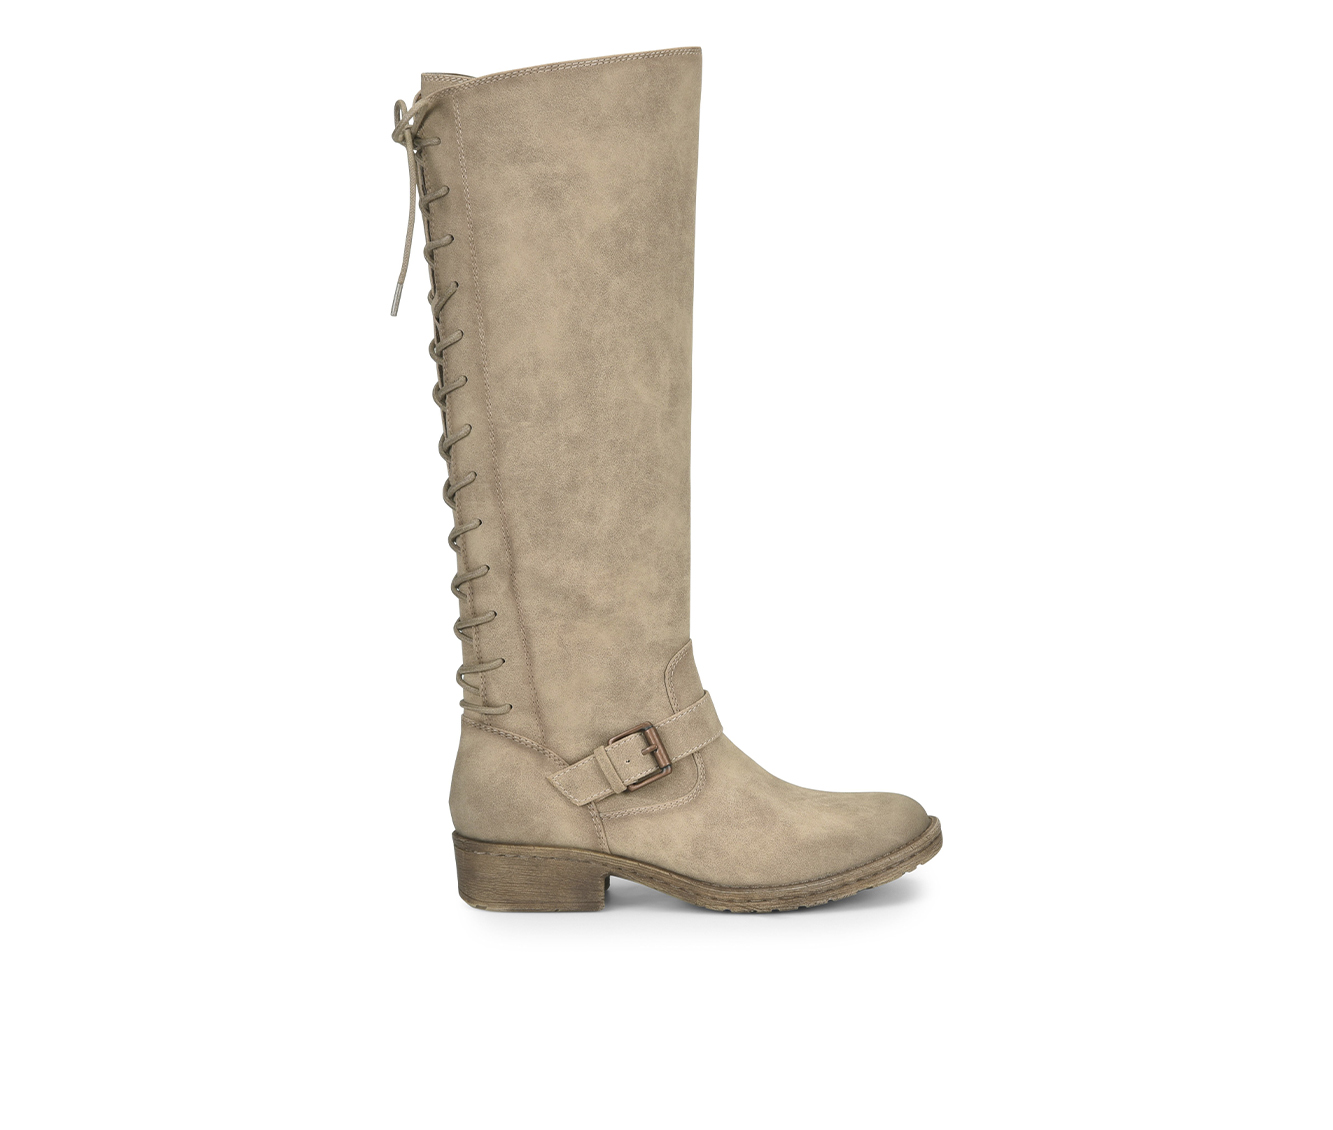 EuroSoft Selden Women's Boots (Beige - Faux Leather)